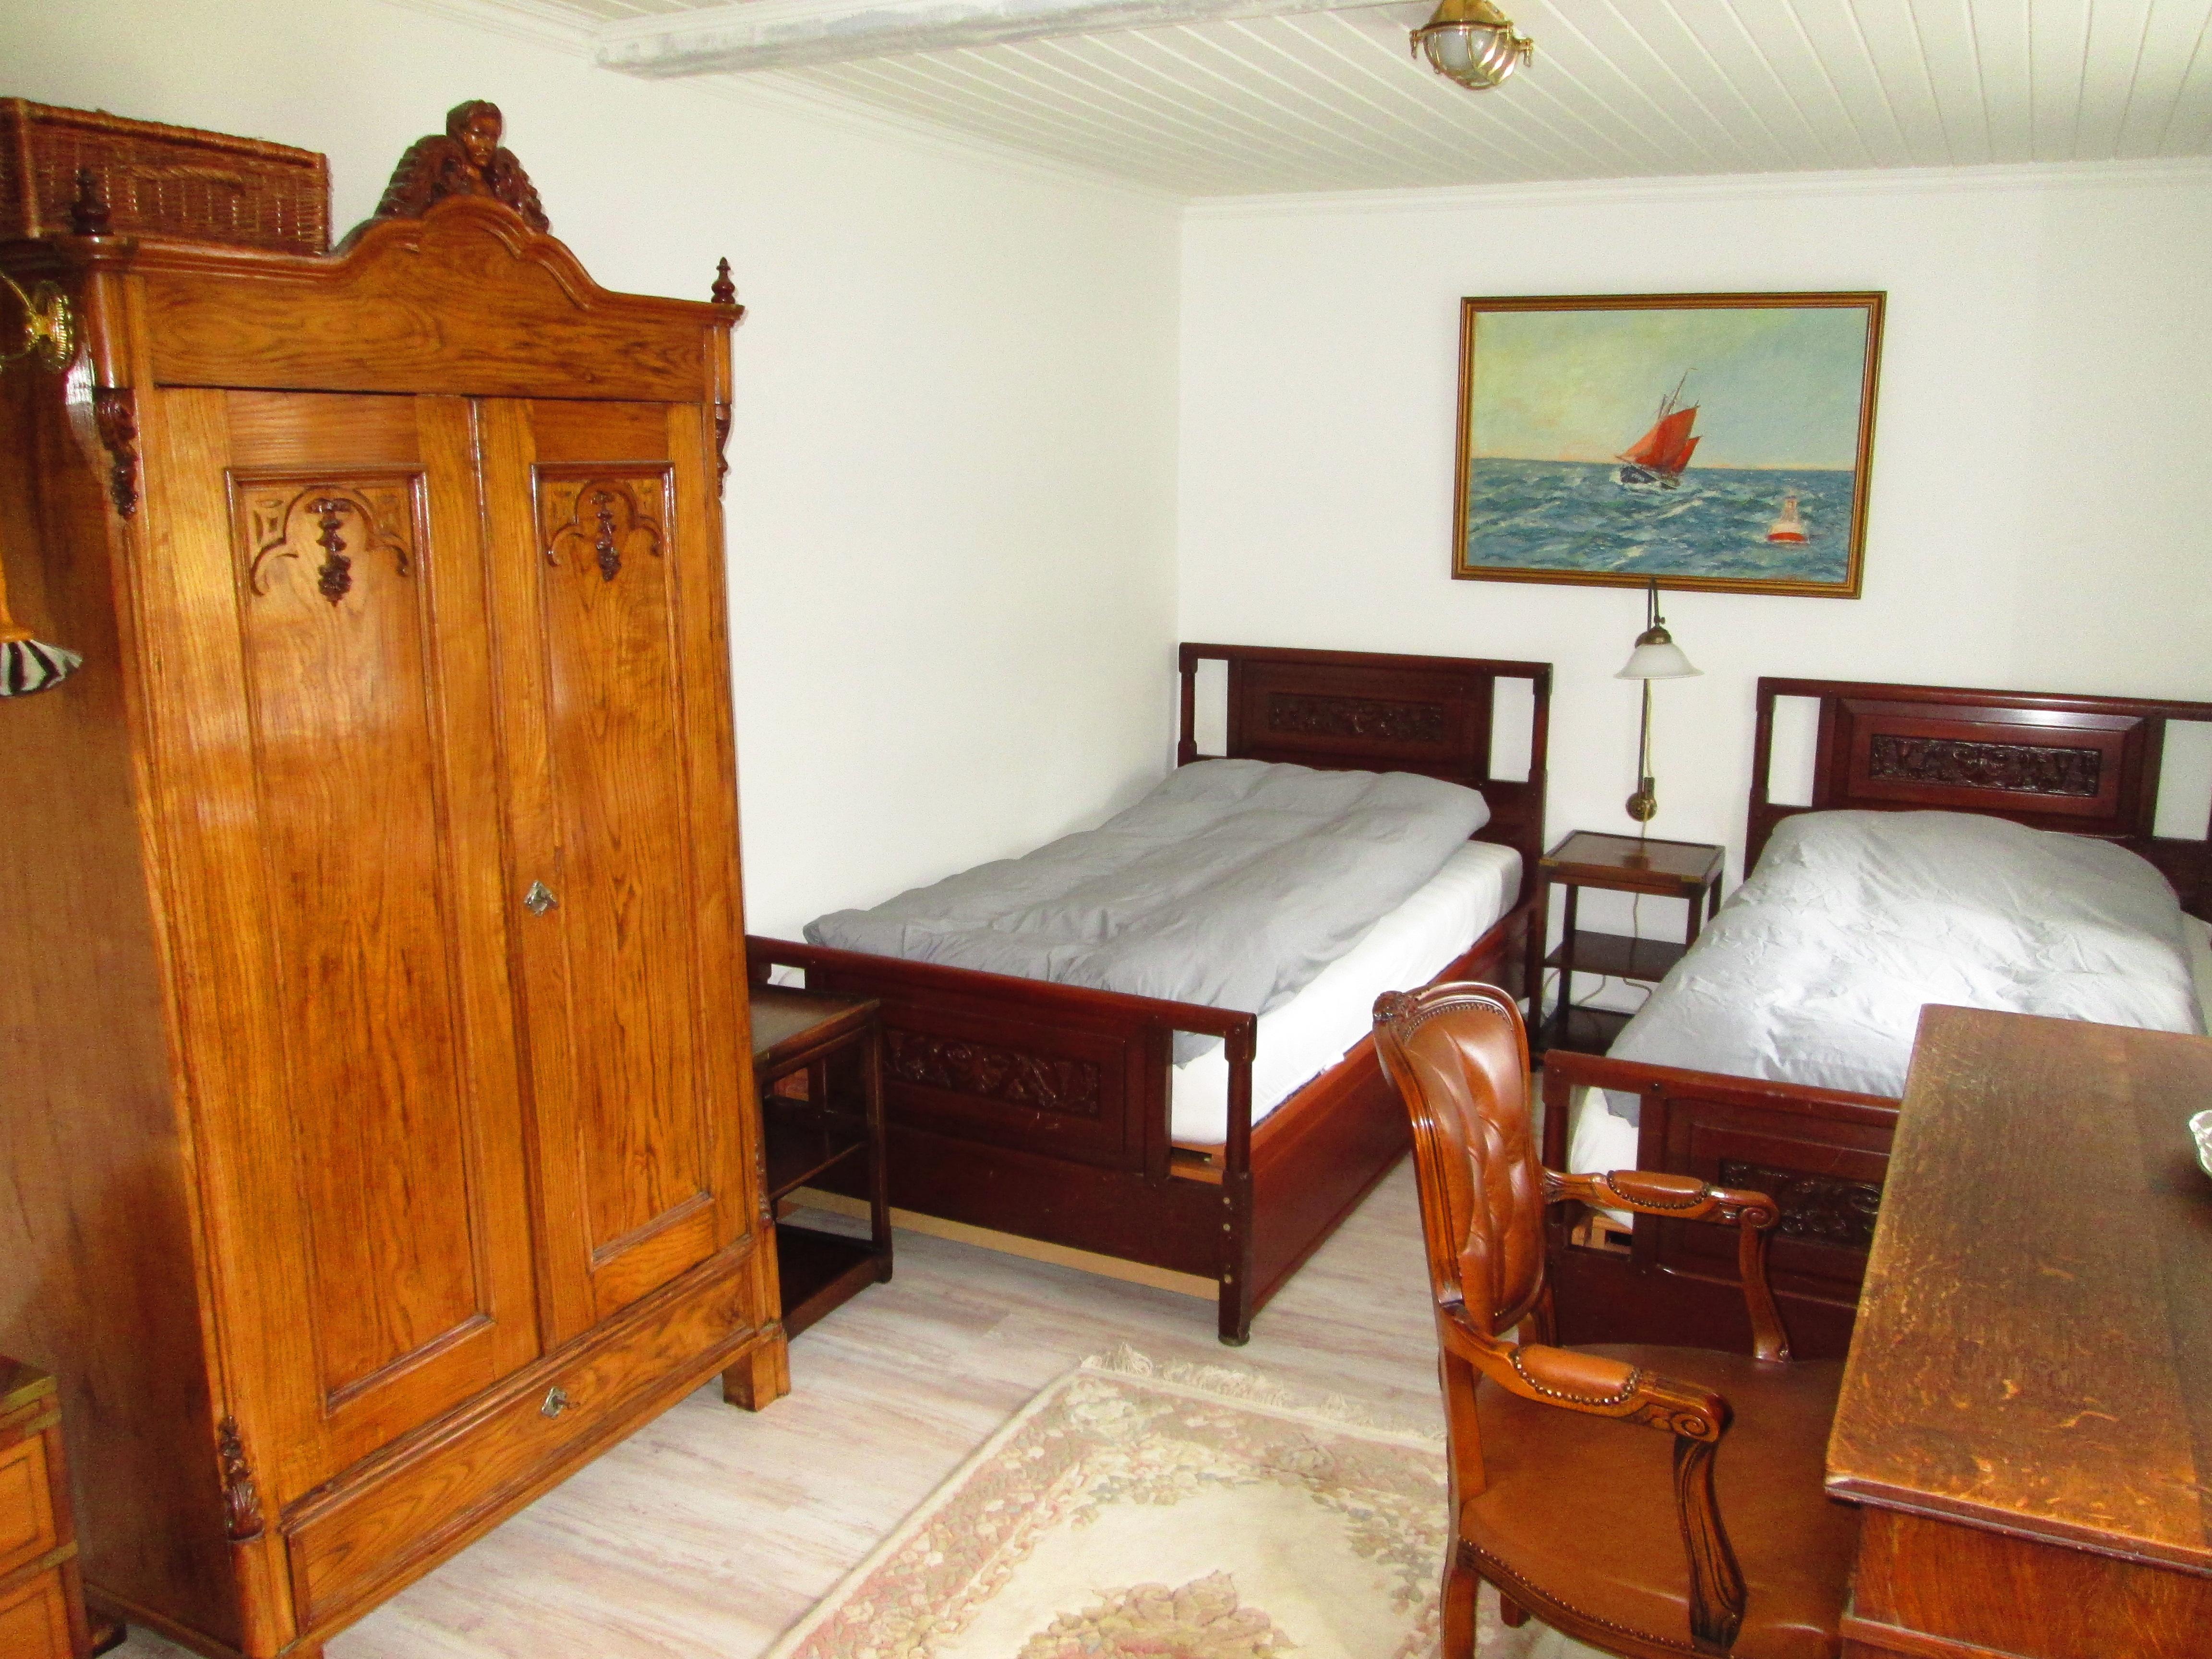 2 bett schlafzimmer no 3 mit schrank und schreibtisch schatzkammer flintbek. Black Bedroom Furniture Sets. Home Design Ideas